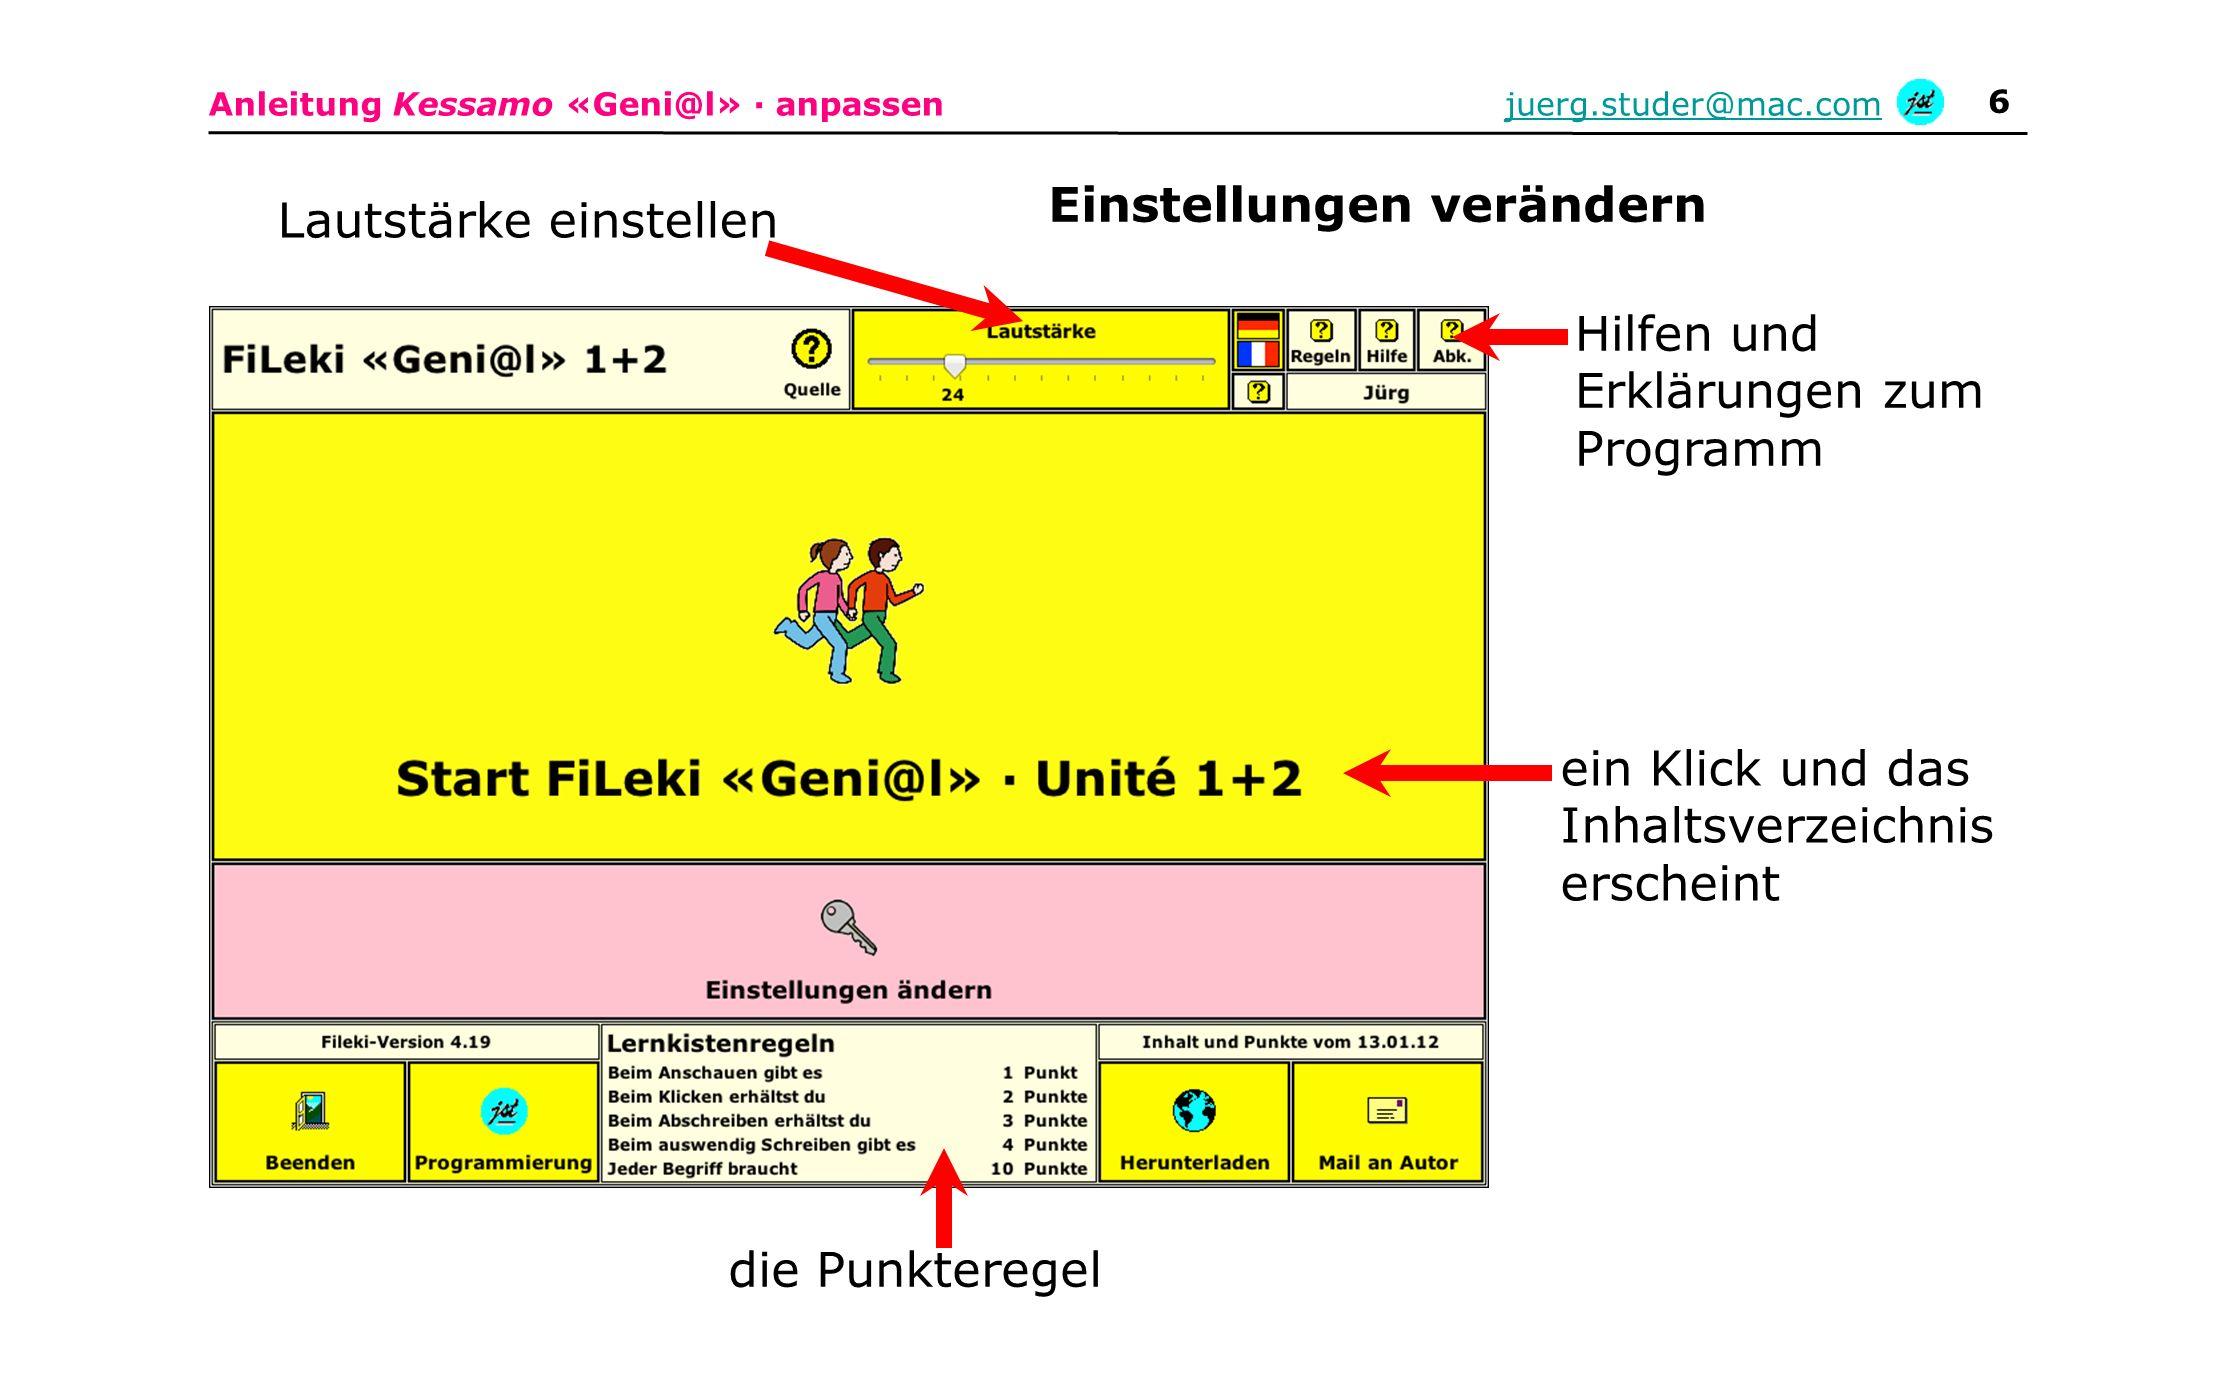 Anleitung Kessamo «Geni@l» · anpassenjuerg.studer@mac.com 6 die Punkteregel Lautstärke einstellen Hilfen und Erklärungen zum Programm ein Klick und da